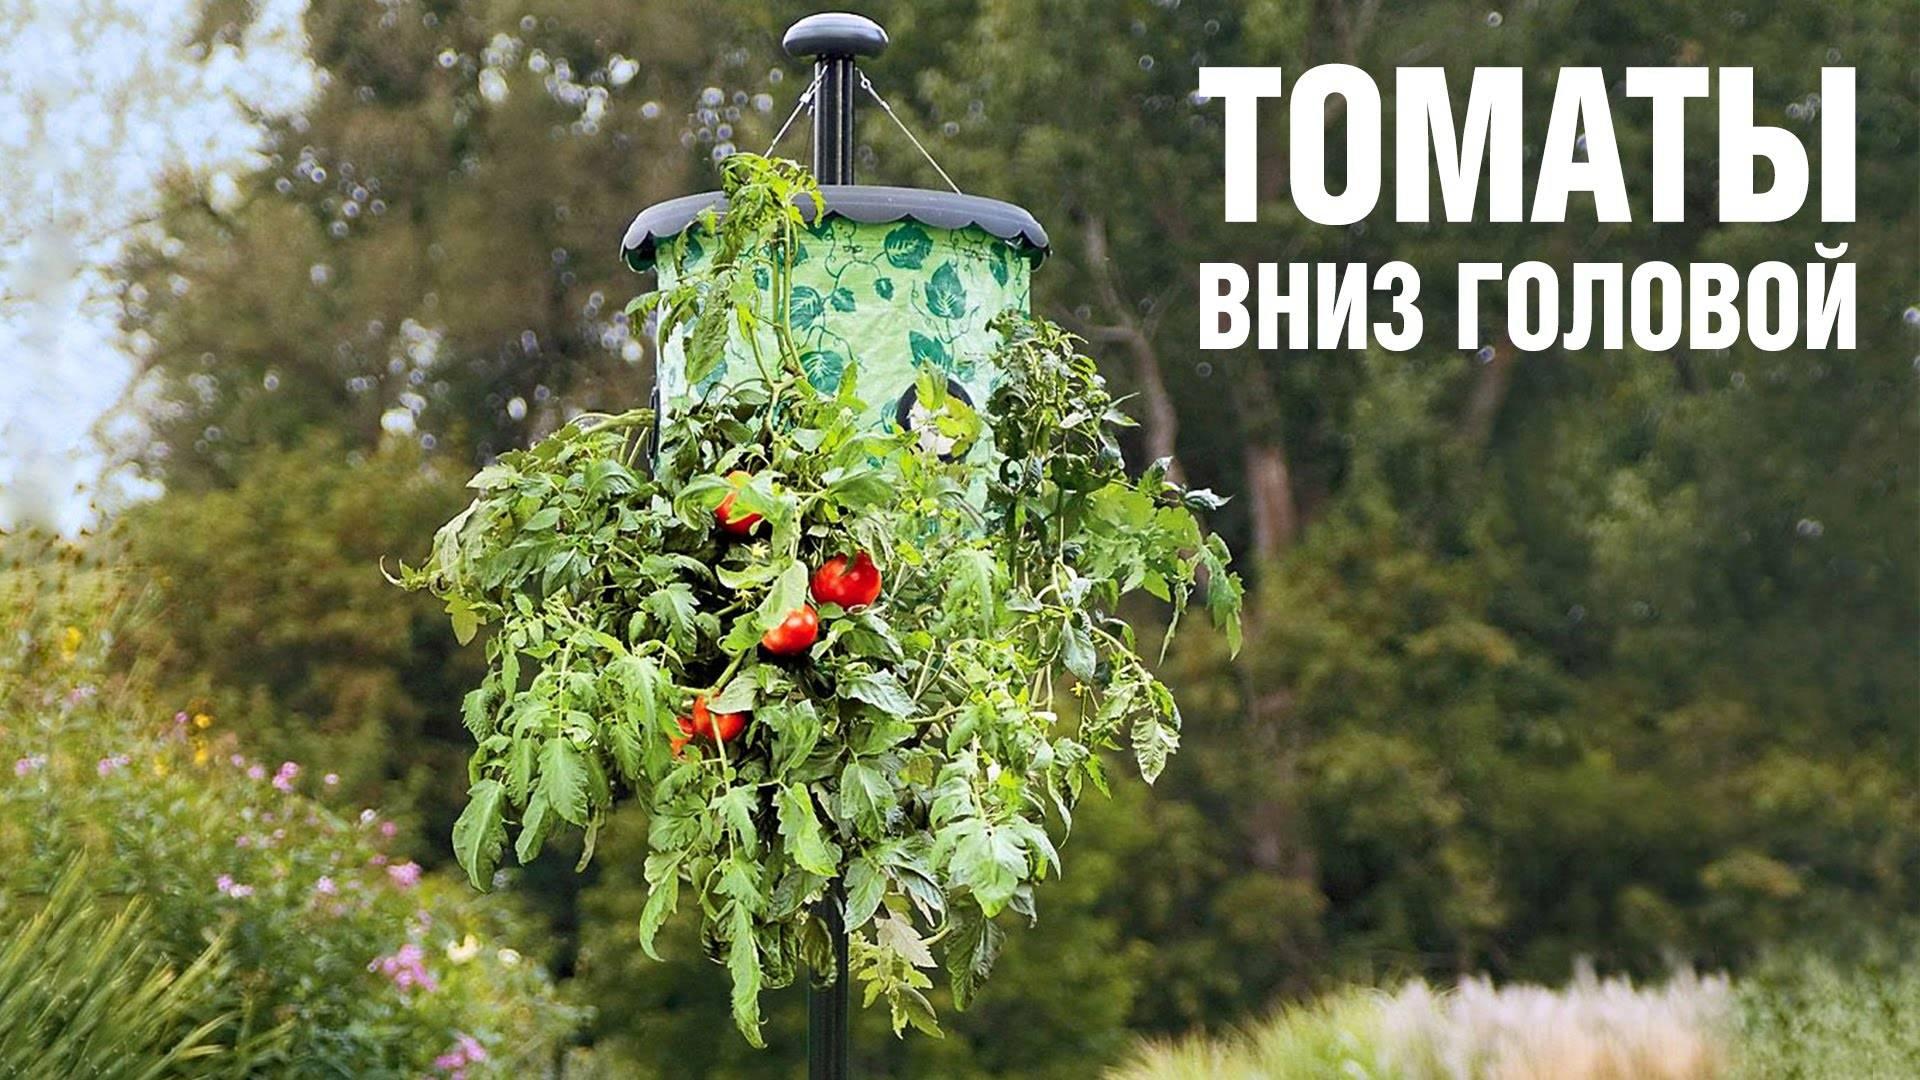 Выращивание томатов вверх корнями – как правильно сажать, в бутылках, ведрах, фото, видео, отзывы